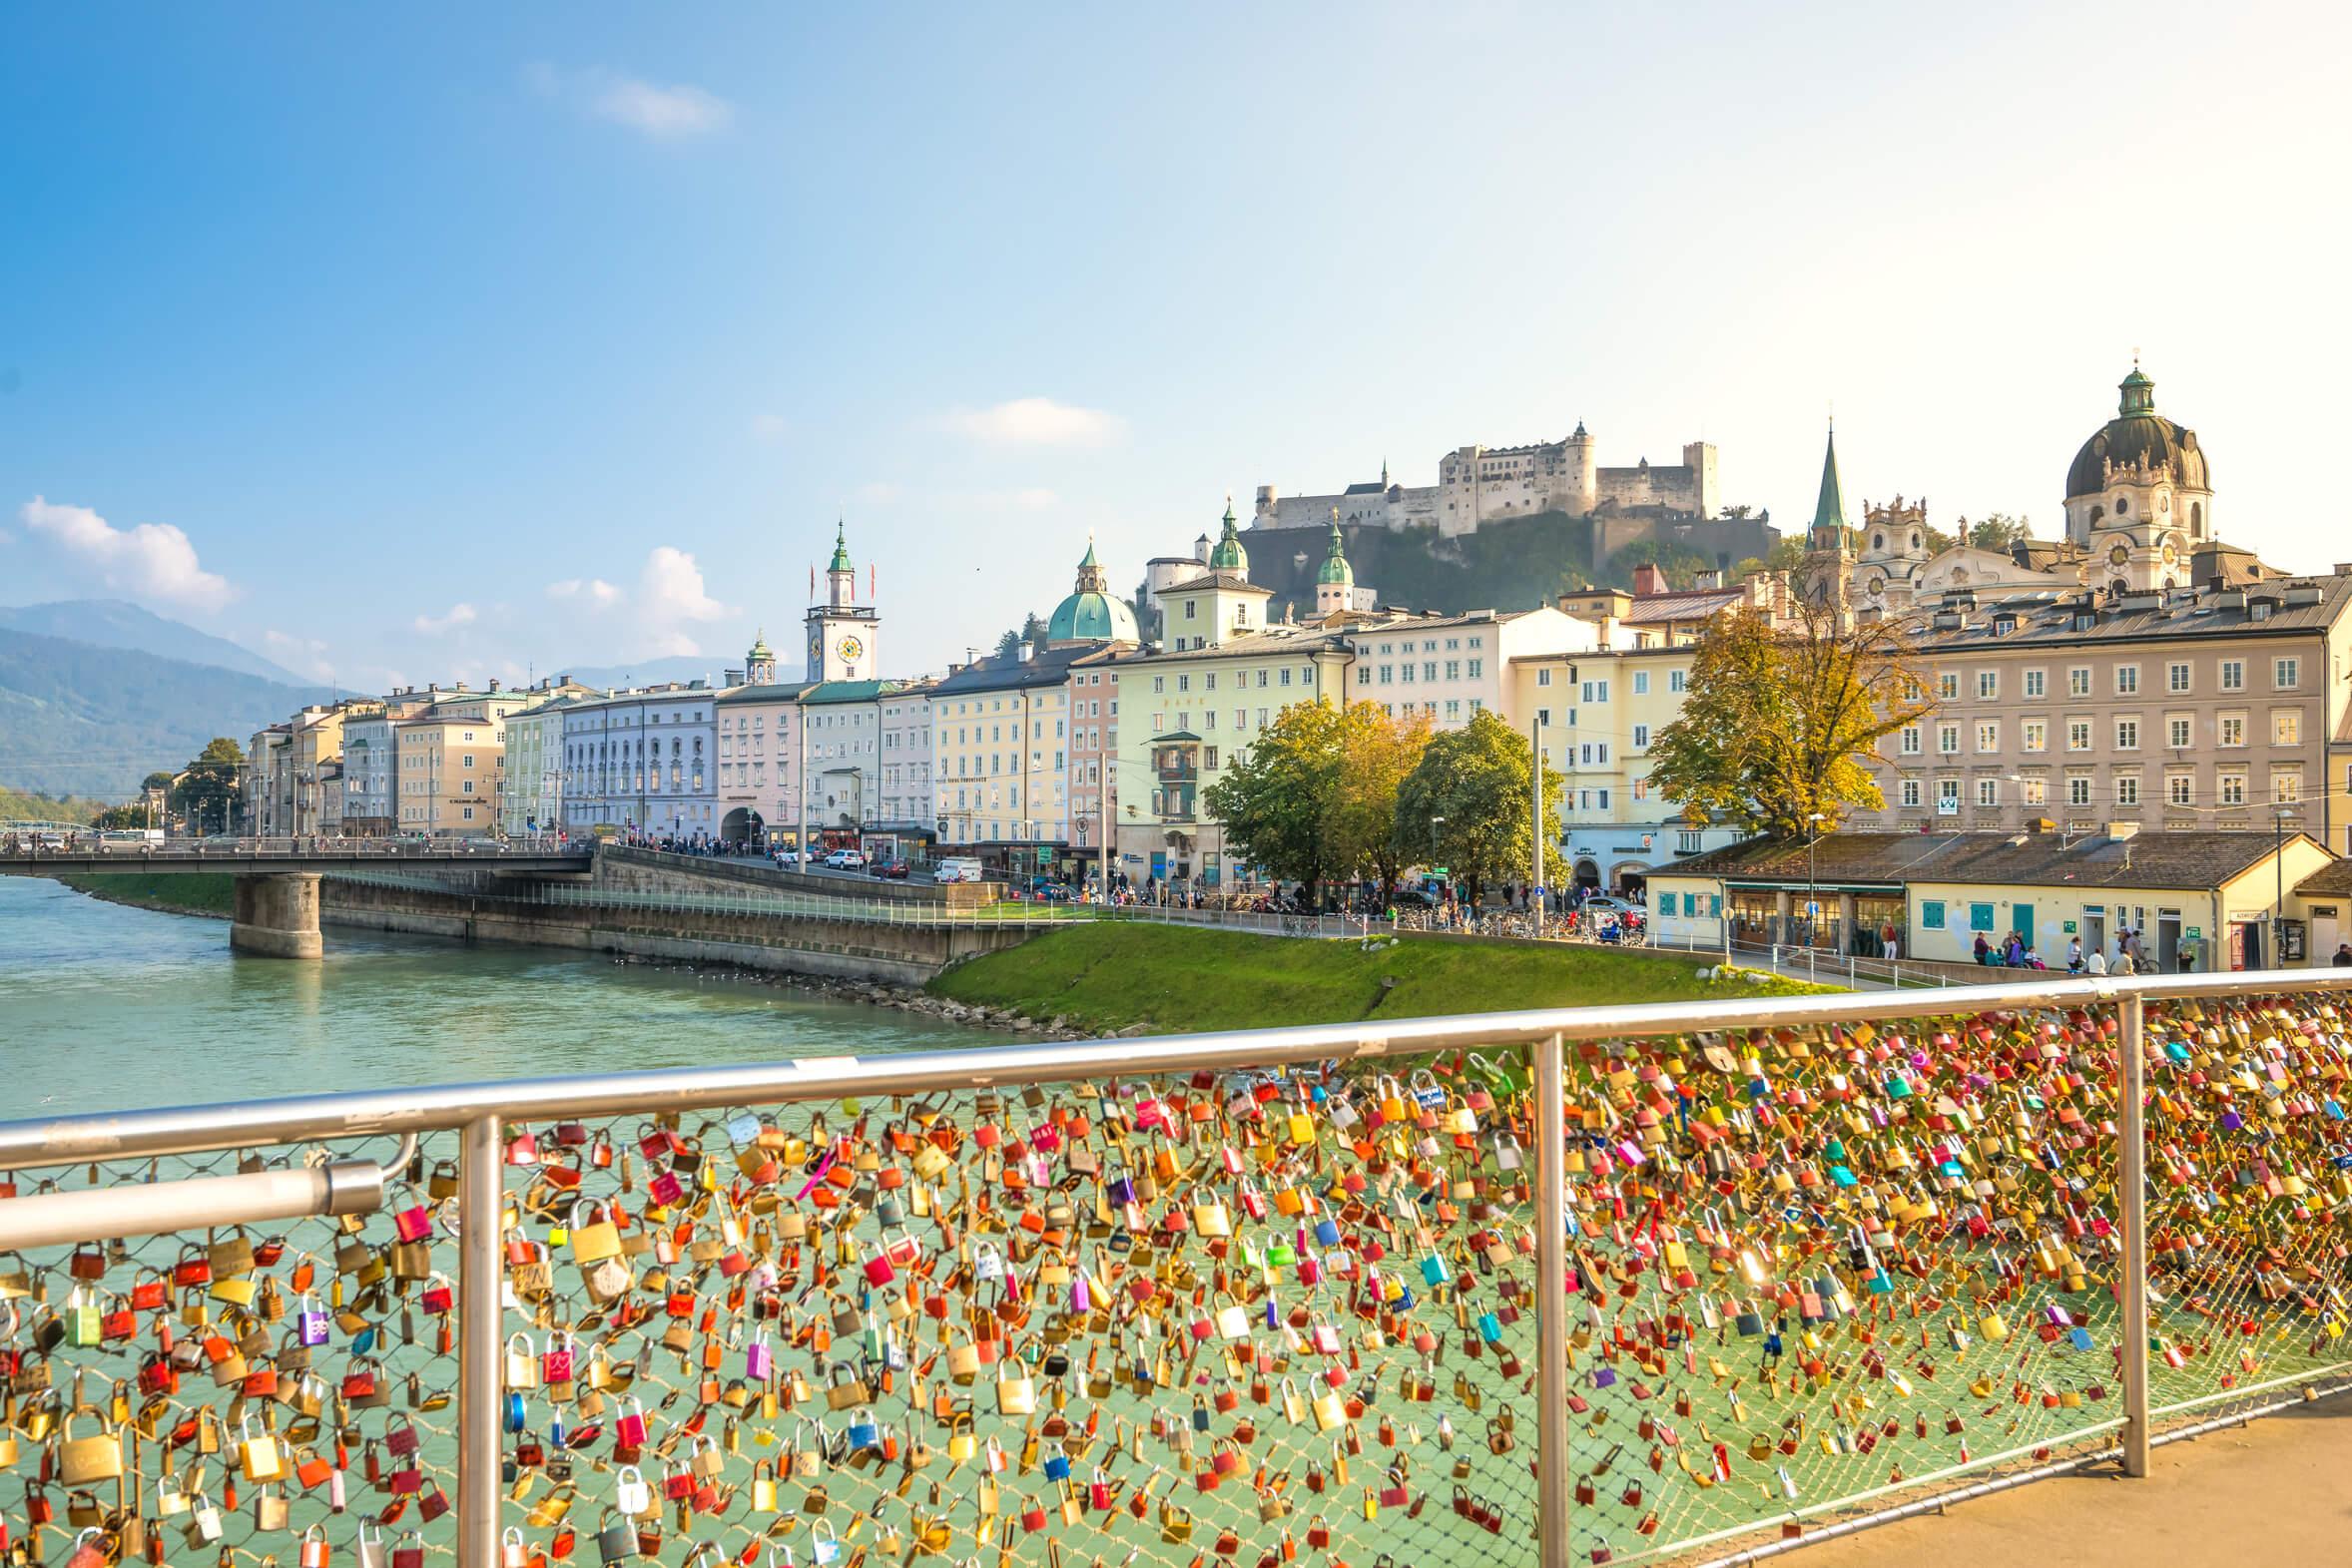 Ein Blick auf die Festung in Salzburg